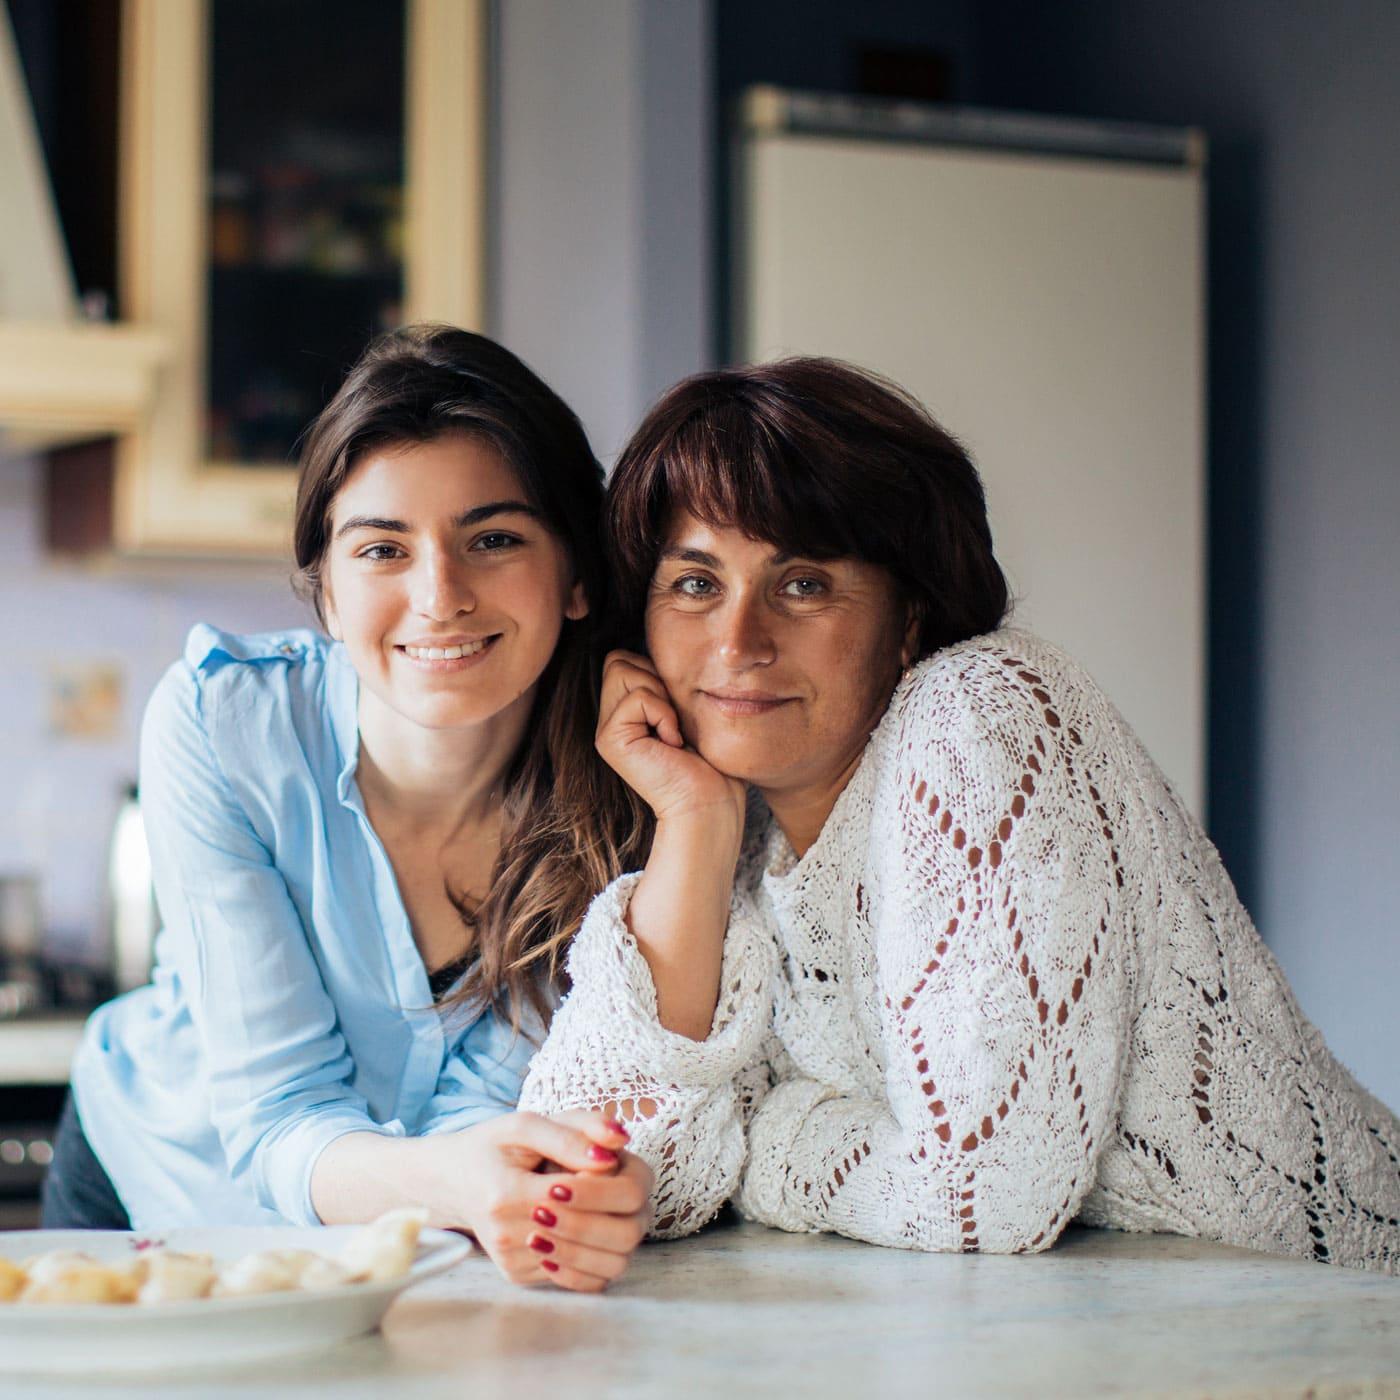 Muttertag: Stärke und Solidarität von Müttern und Großmüttern feiern // HIMBEER